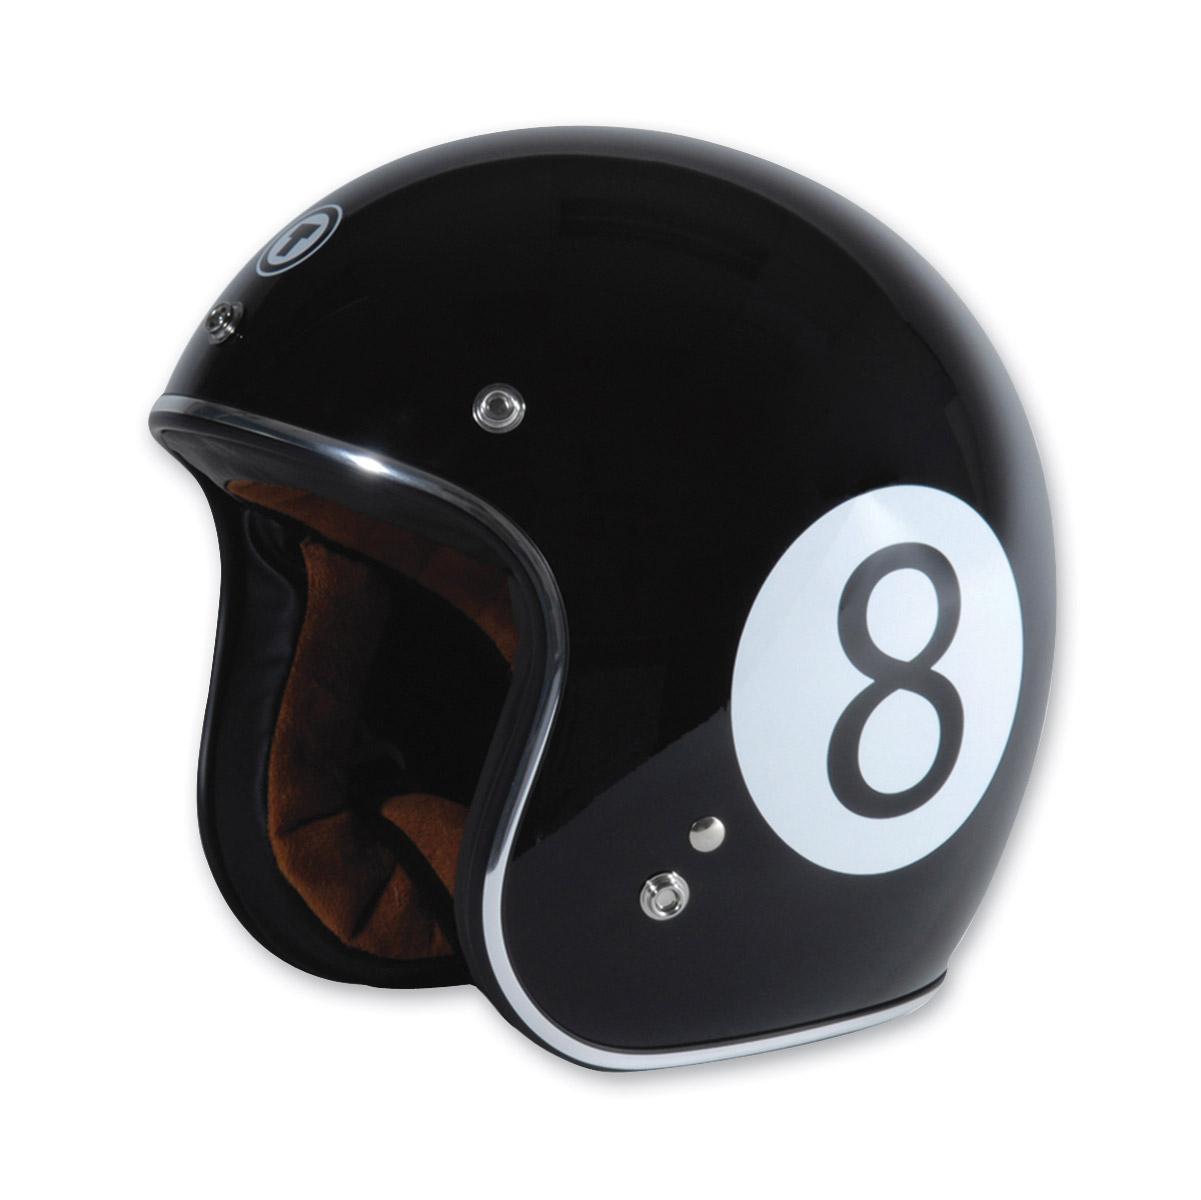 Torc T50 Baller Black Open Face Helmet